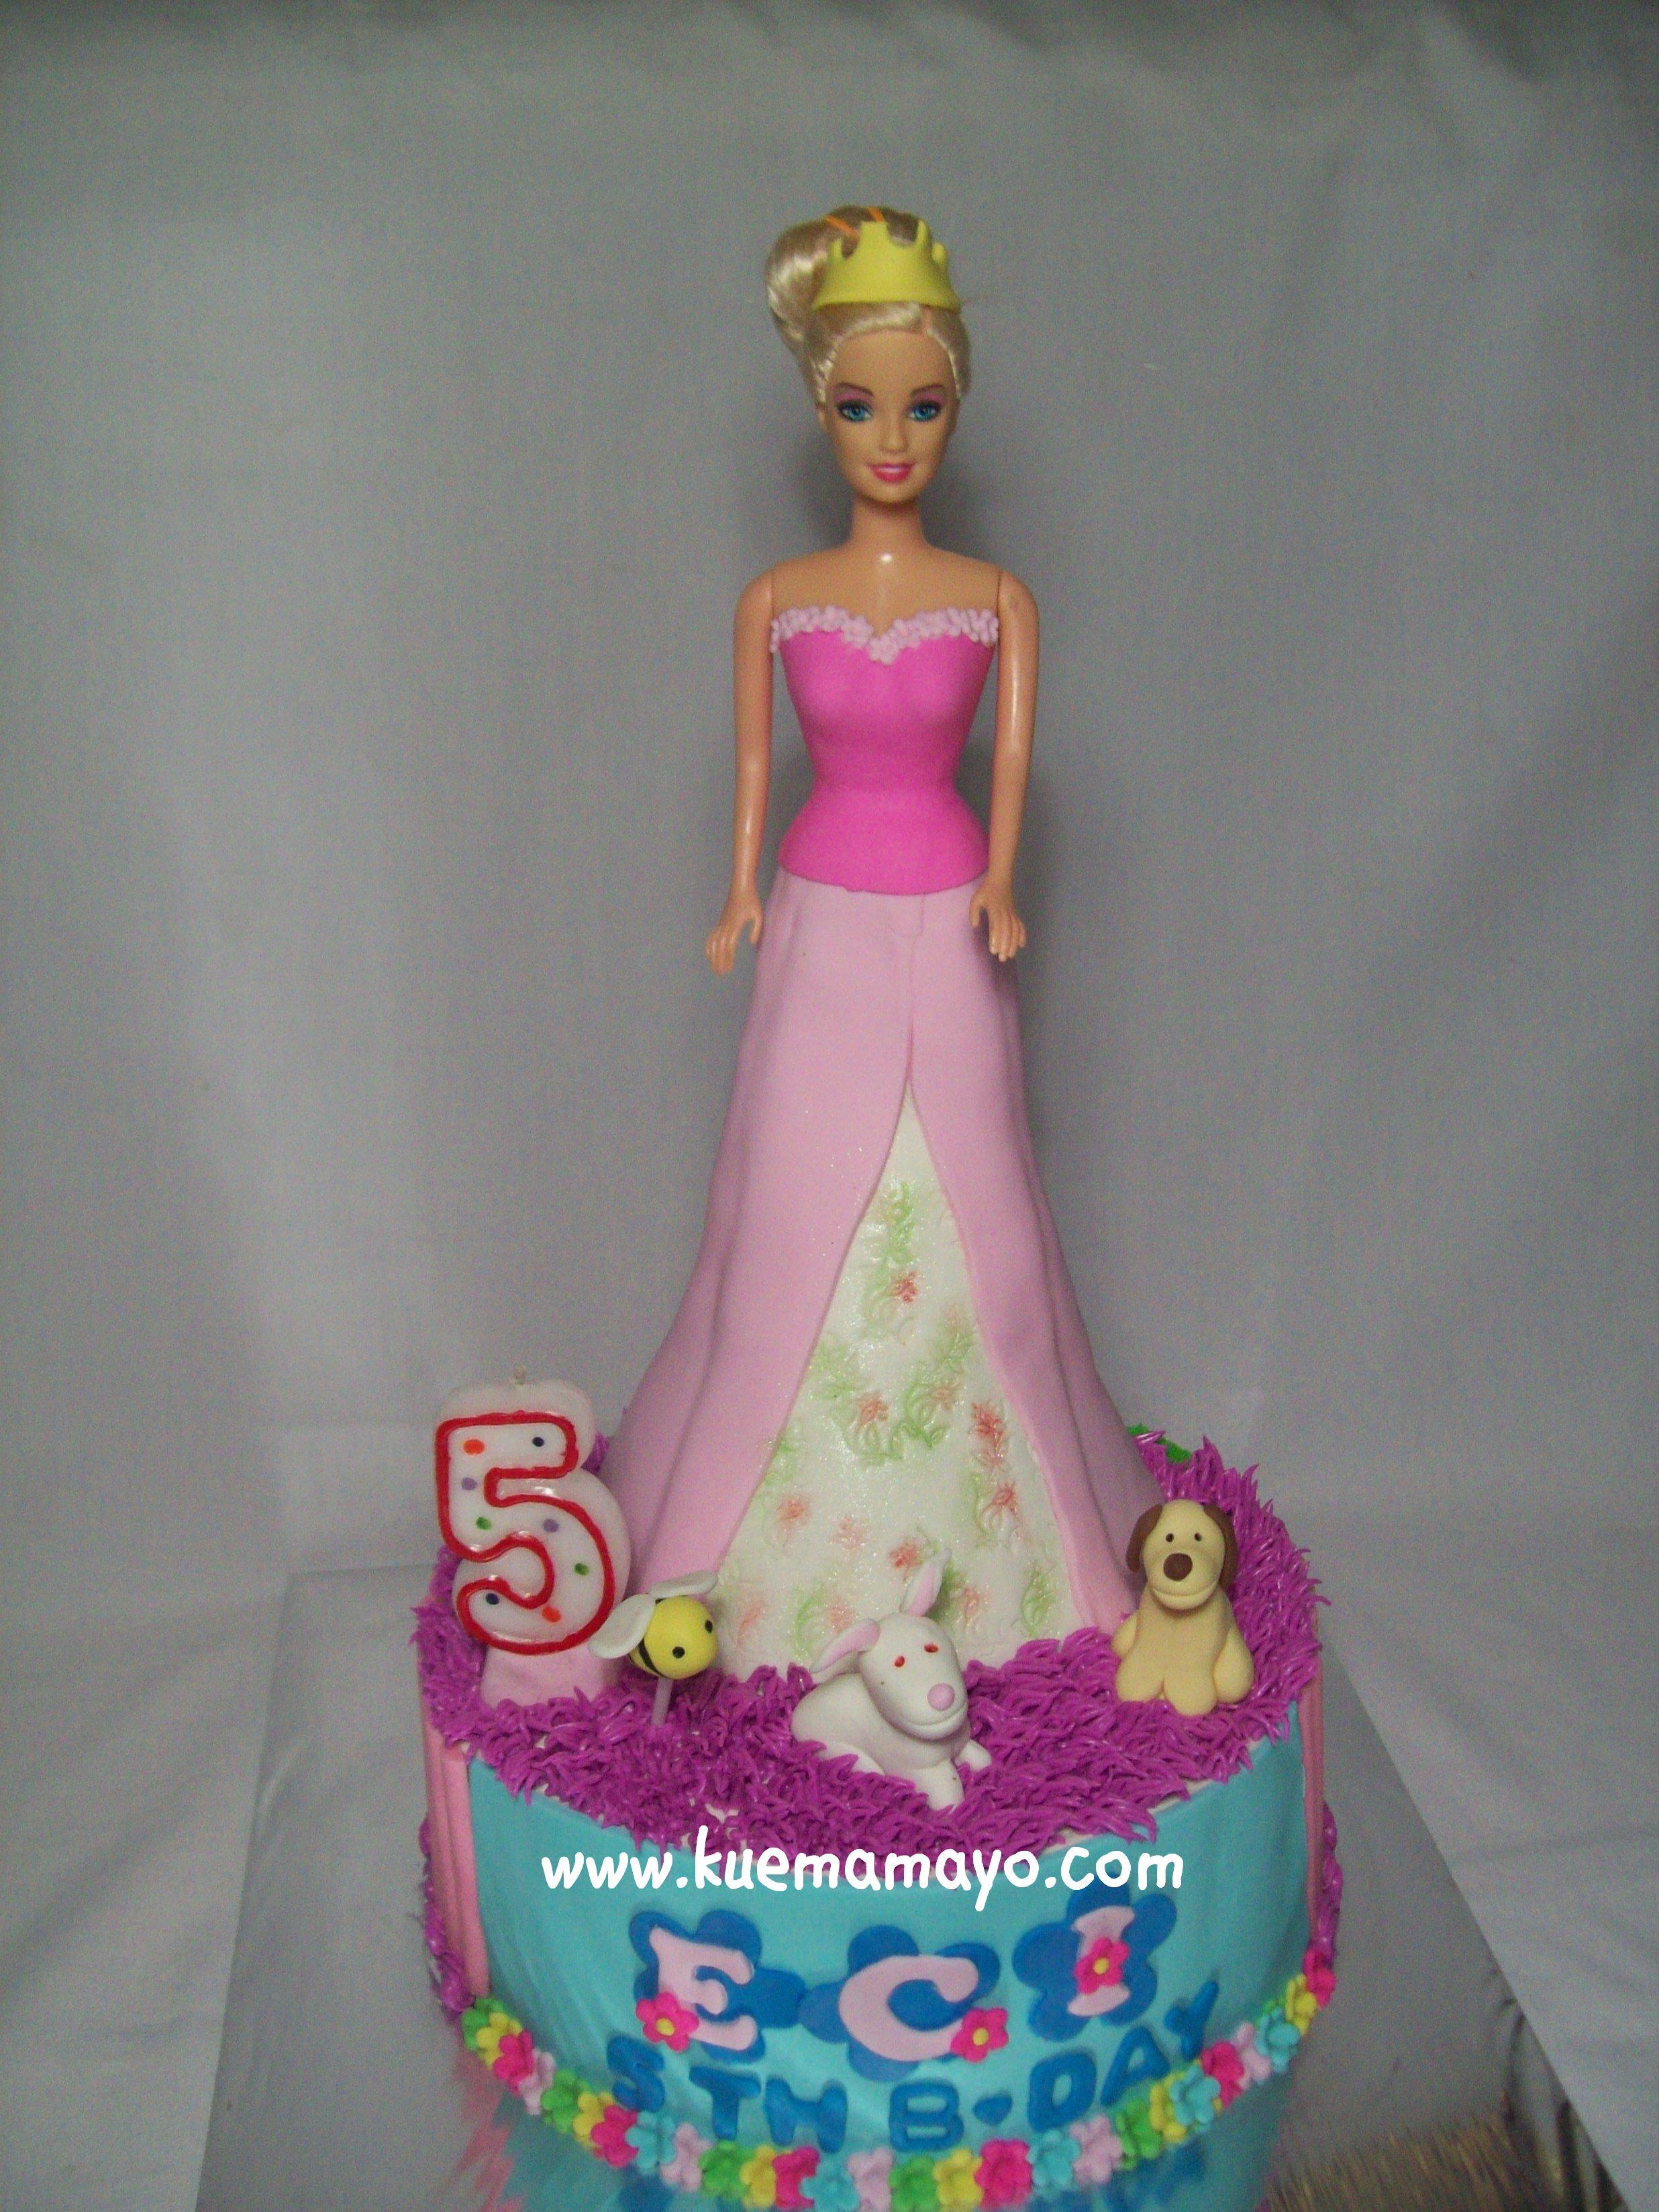 Barbie Punya Eci Mamayo